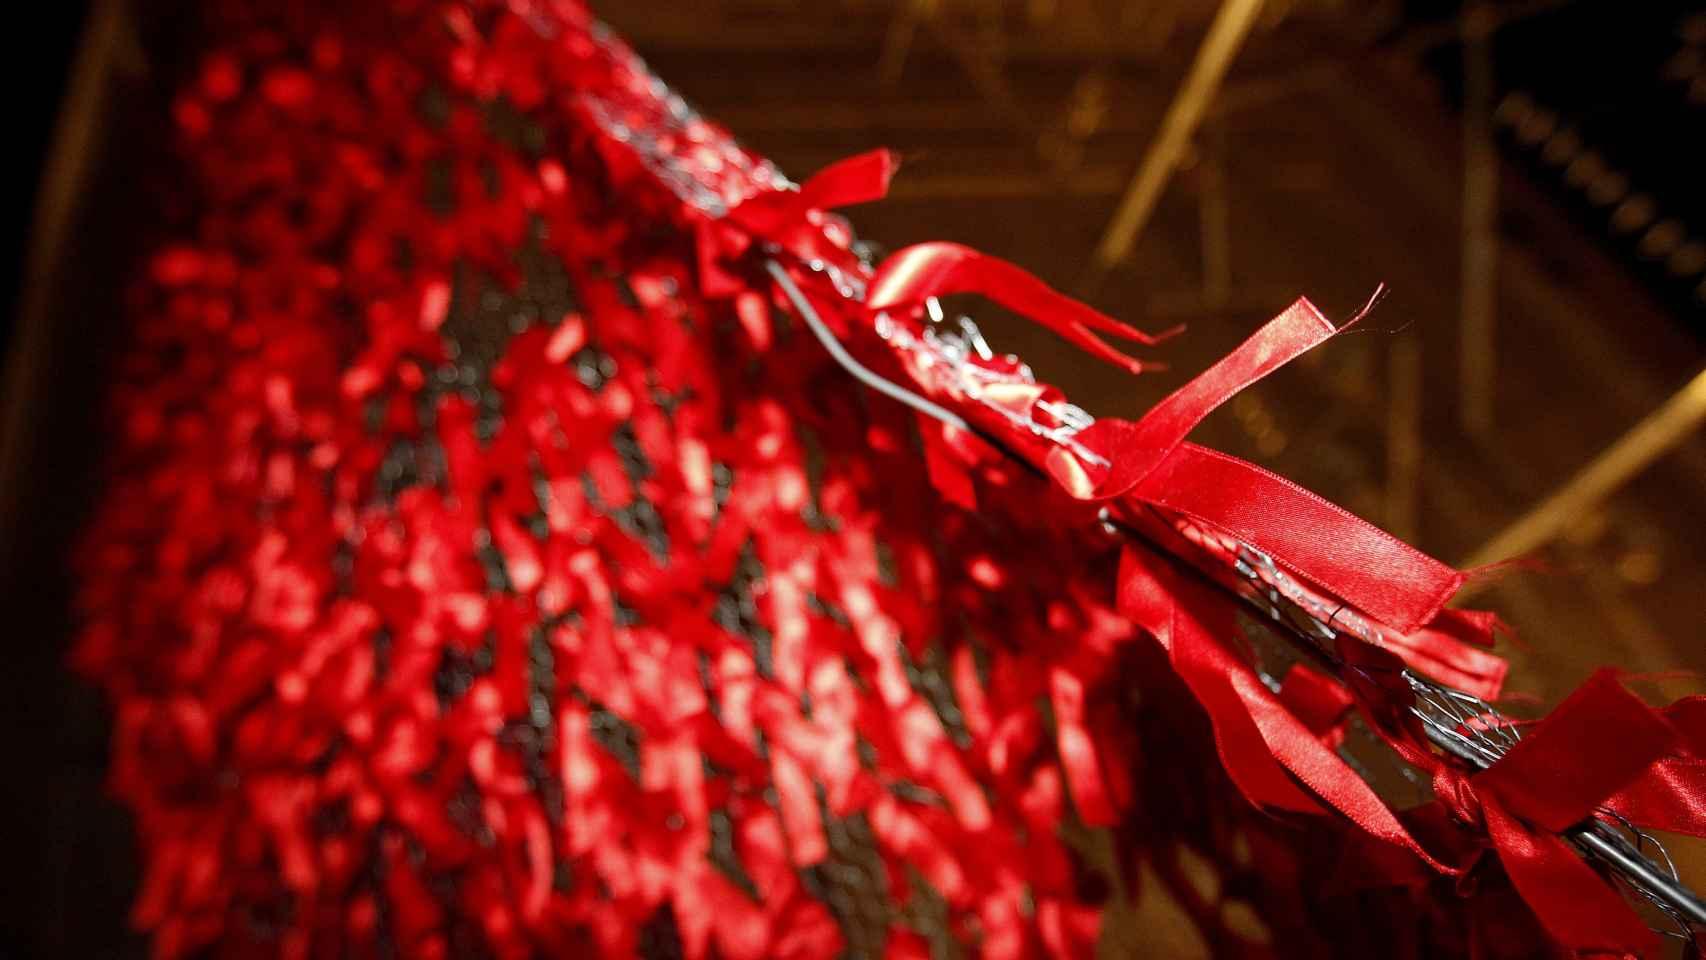 Lazos que forman el gran lazo rojo colocado este jueves en la Puerta de Alcalá de Madrid